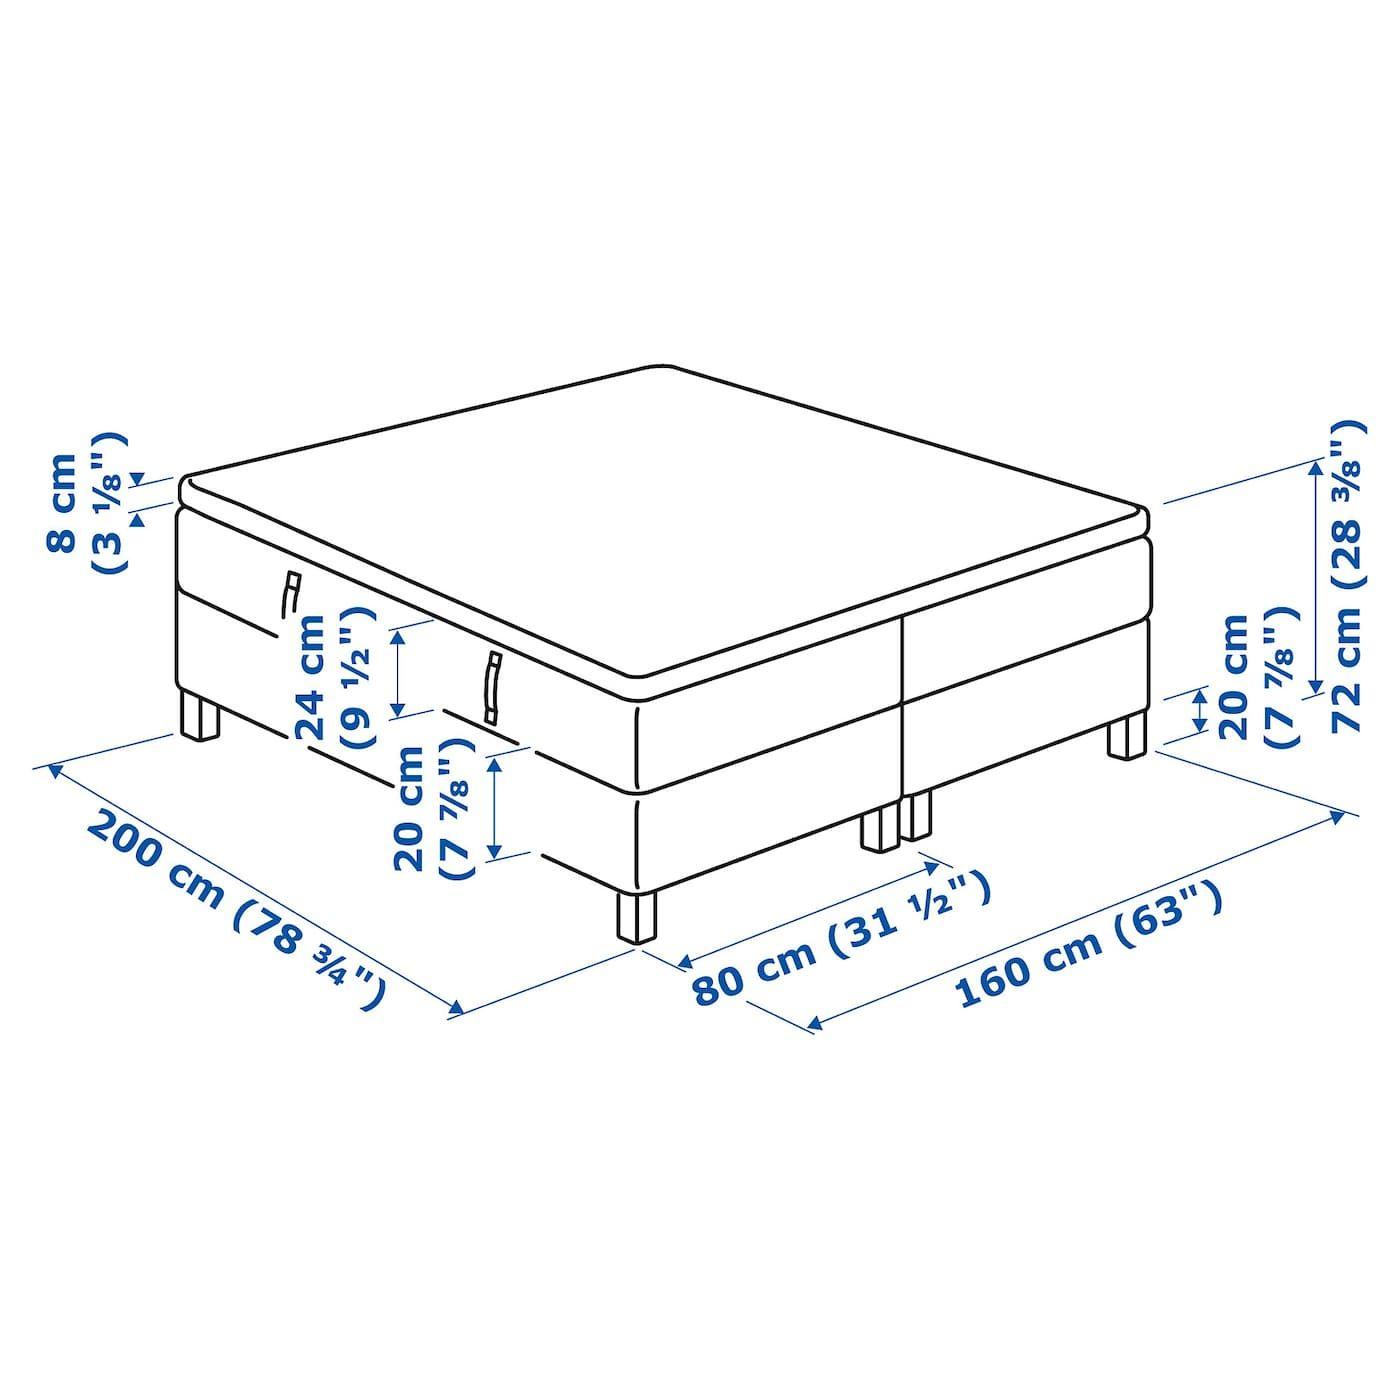 Full Size of Lattenrost Klappbar Ikea Bett 90x200 Mit Modulküche Betten Bei Küche Kosten 180x200 Komplett Und Matratze 140x200 160x200 Schlafzimmer Ausklappbar Wohnzimmer Lattenrost Klappbar Ikea